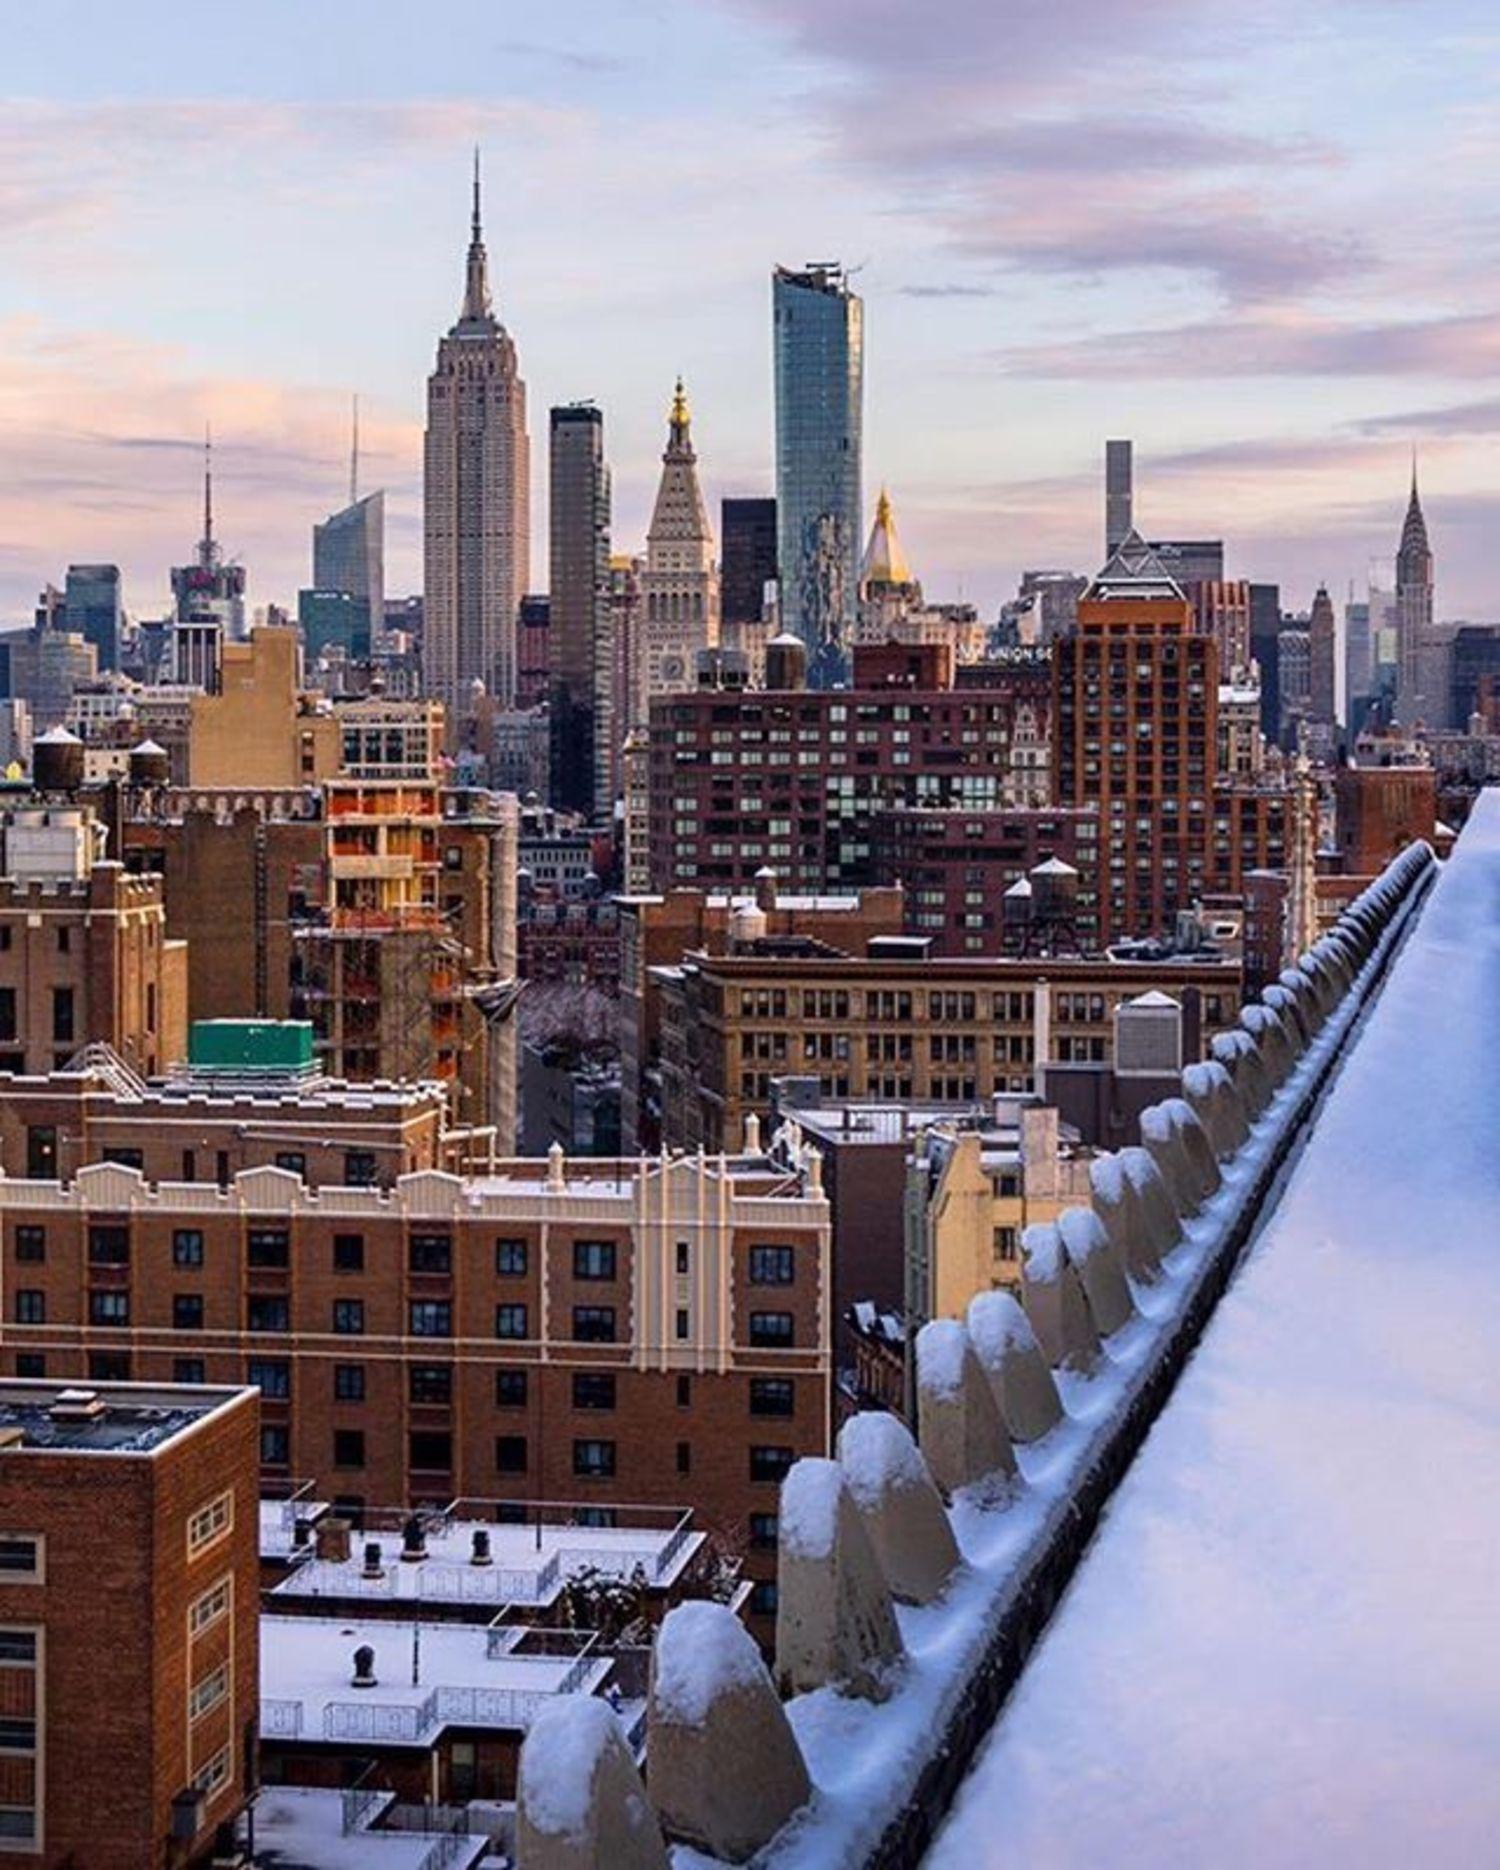 New York, New York. Photo via @chief770 #viewingnyc #newyork #newyorkcity #nyc #snow